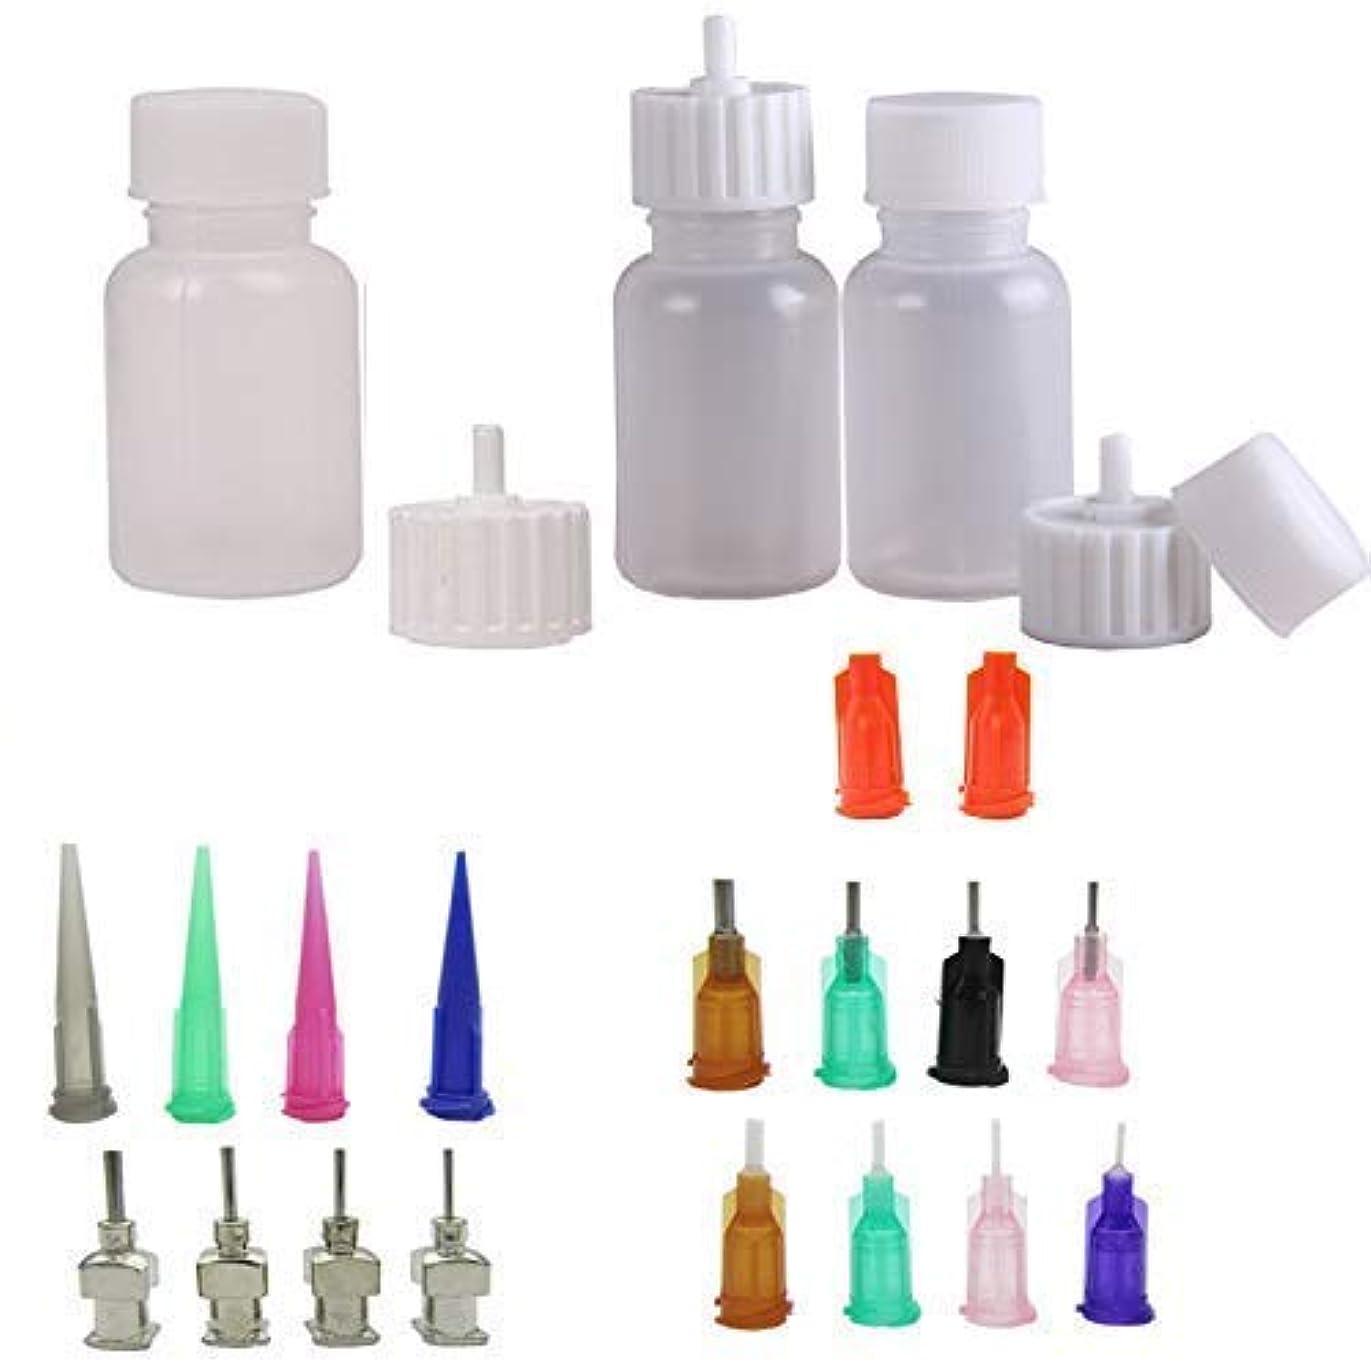 乳白排出香港ヘナの瓶 ヘナタトゥー用ヘナコーン 保存用のアプリケーターボトル 多目的精密アプリケーター液体容器容器 ドロッパーボトル ニードルチップと蓋つ付き